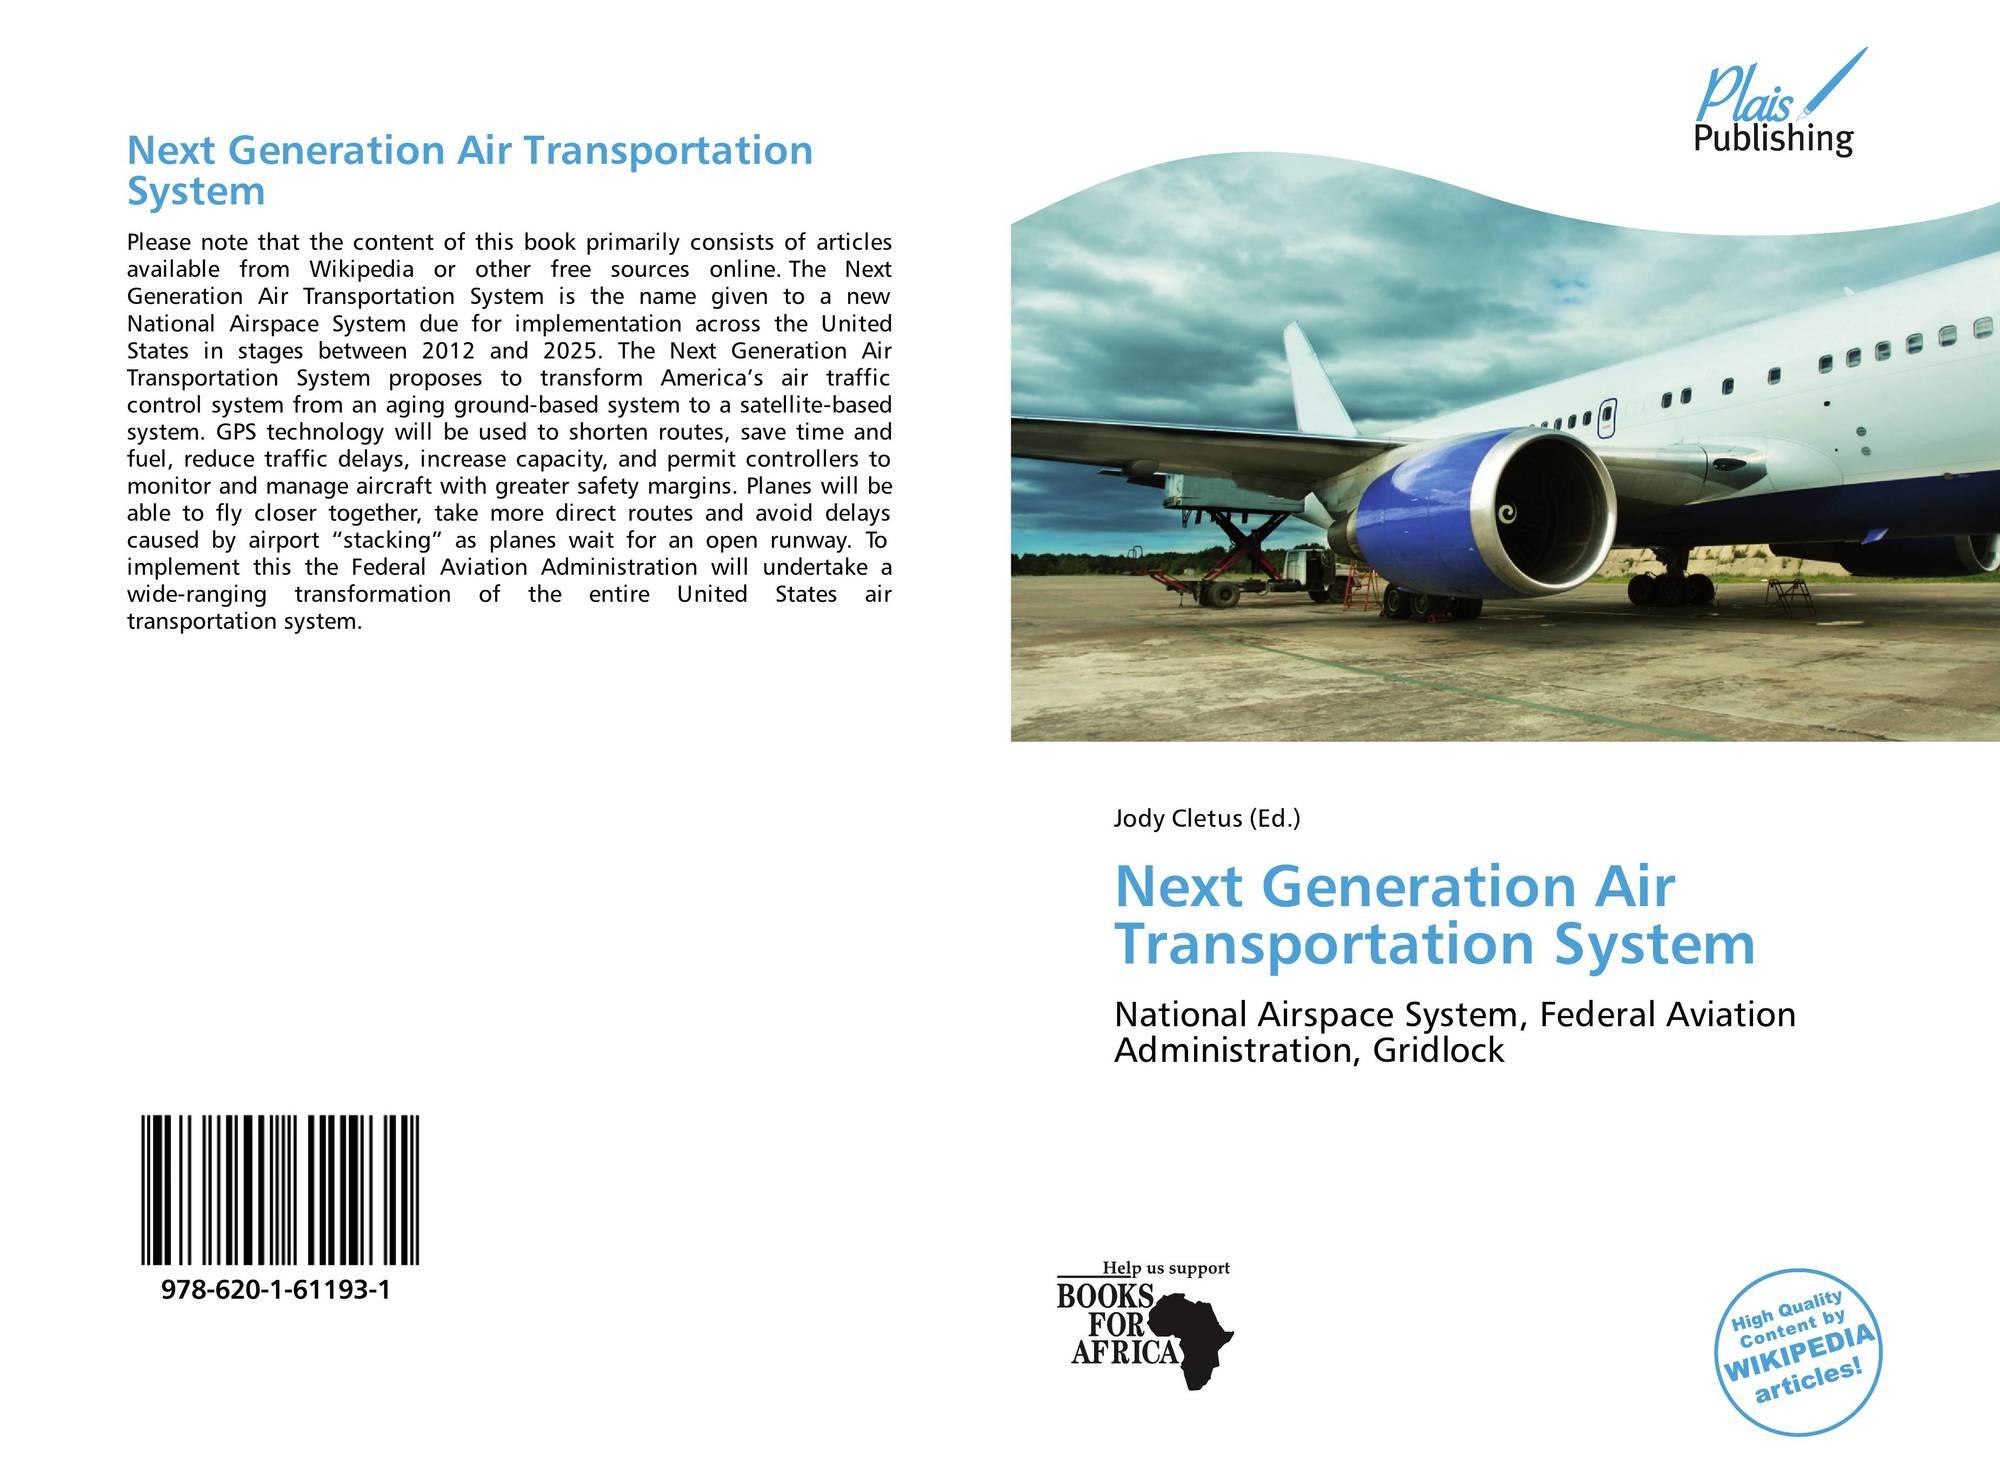 Next Generation Air Transportation System, 978-620-1-61193-1